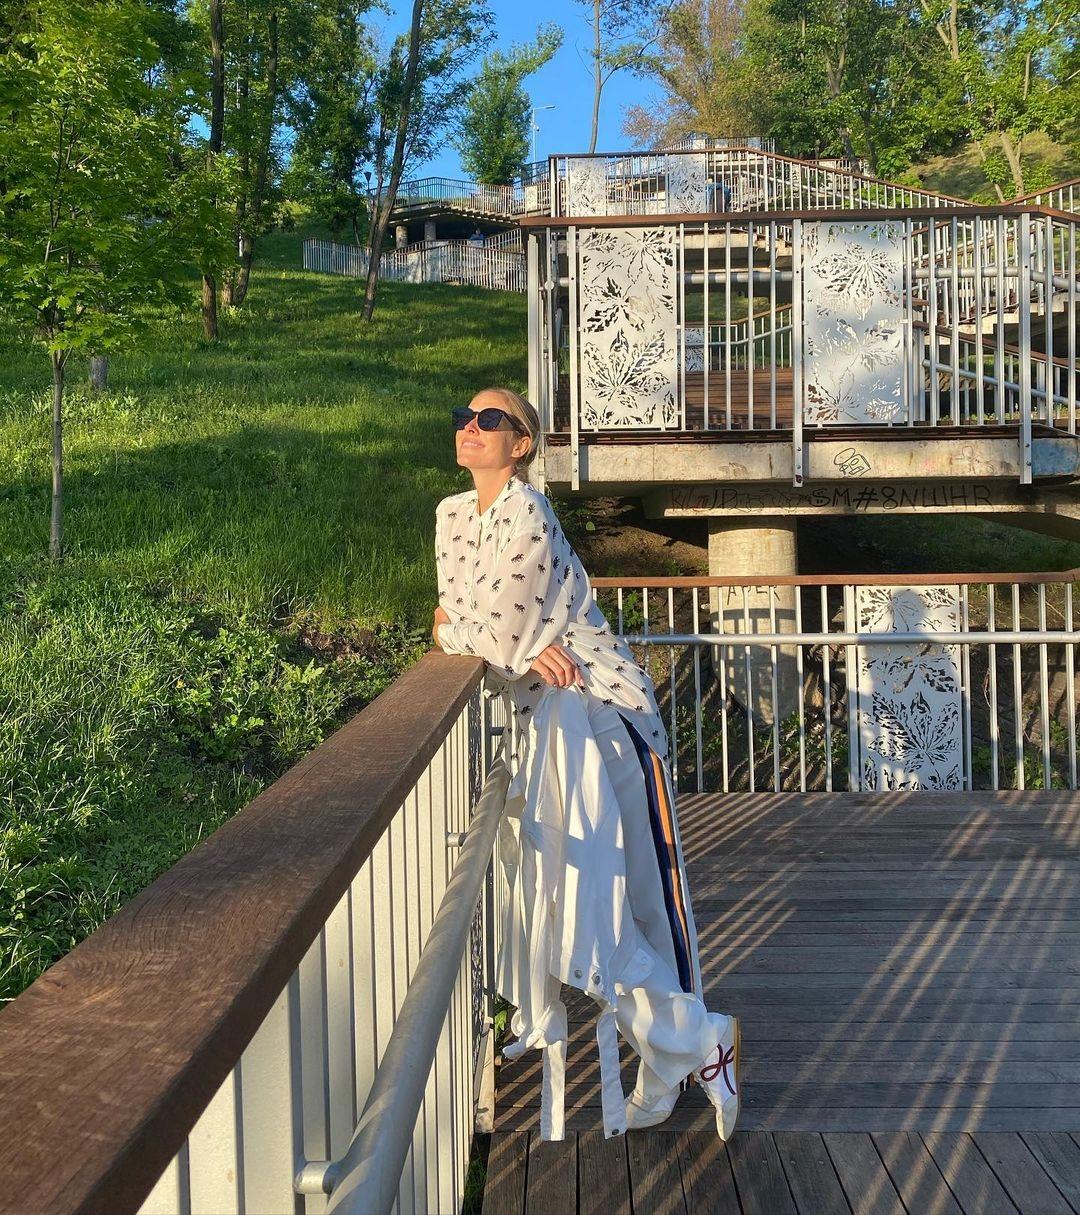 день киева звезды как празднуют места куда пойти Катя Осадчая Воздвиженка пейзажная аллея